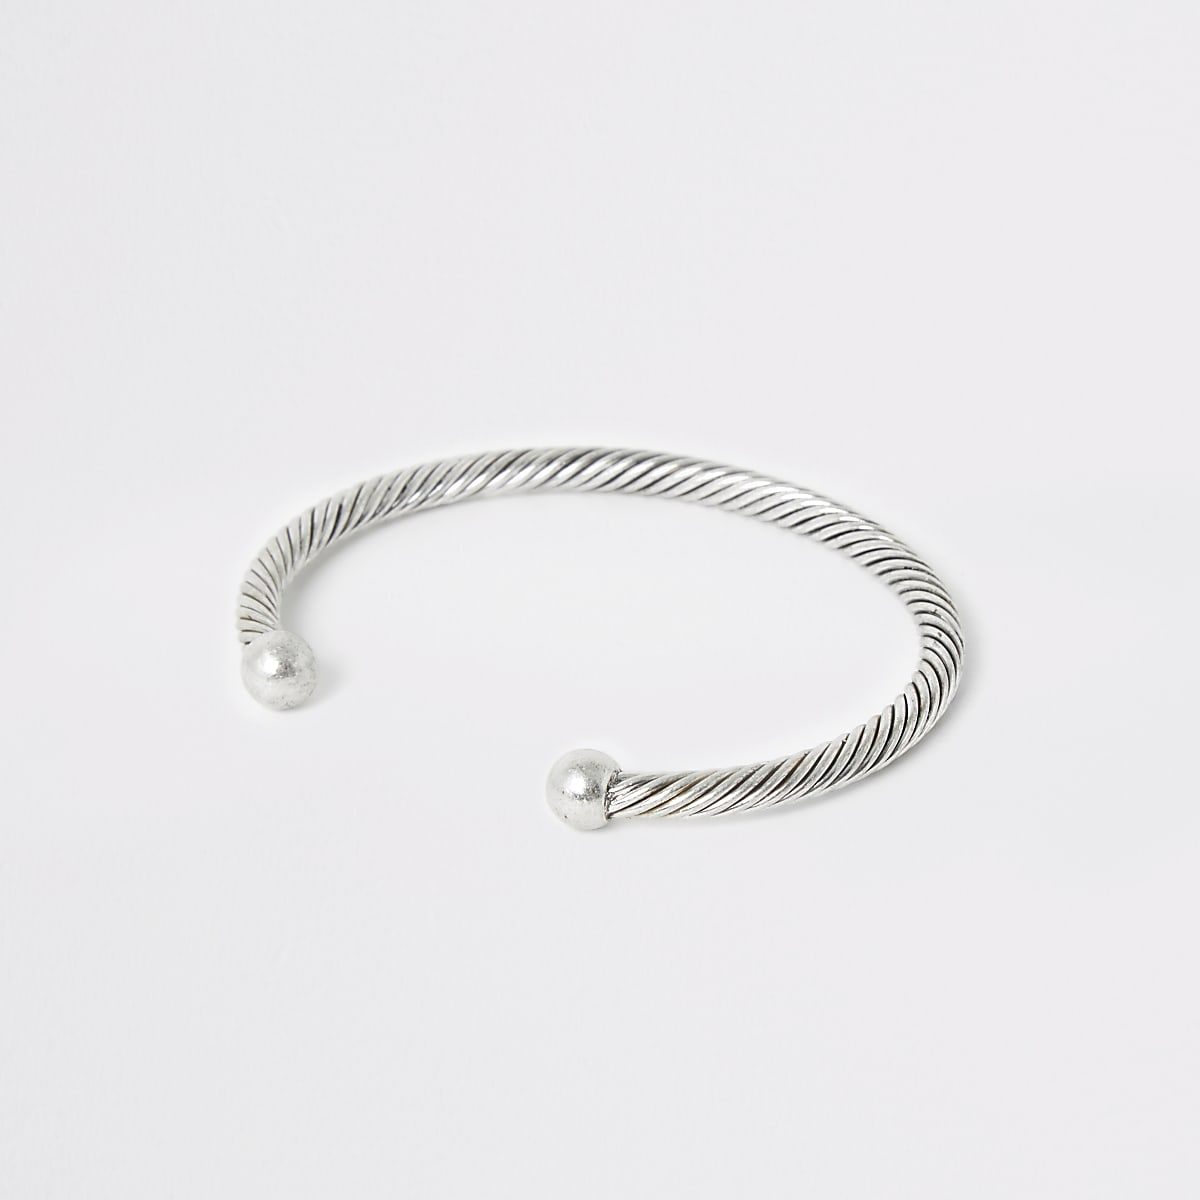 Silver tone cuff bracelet